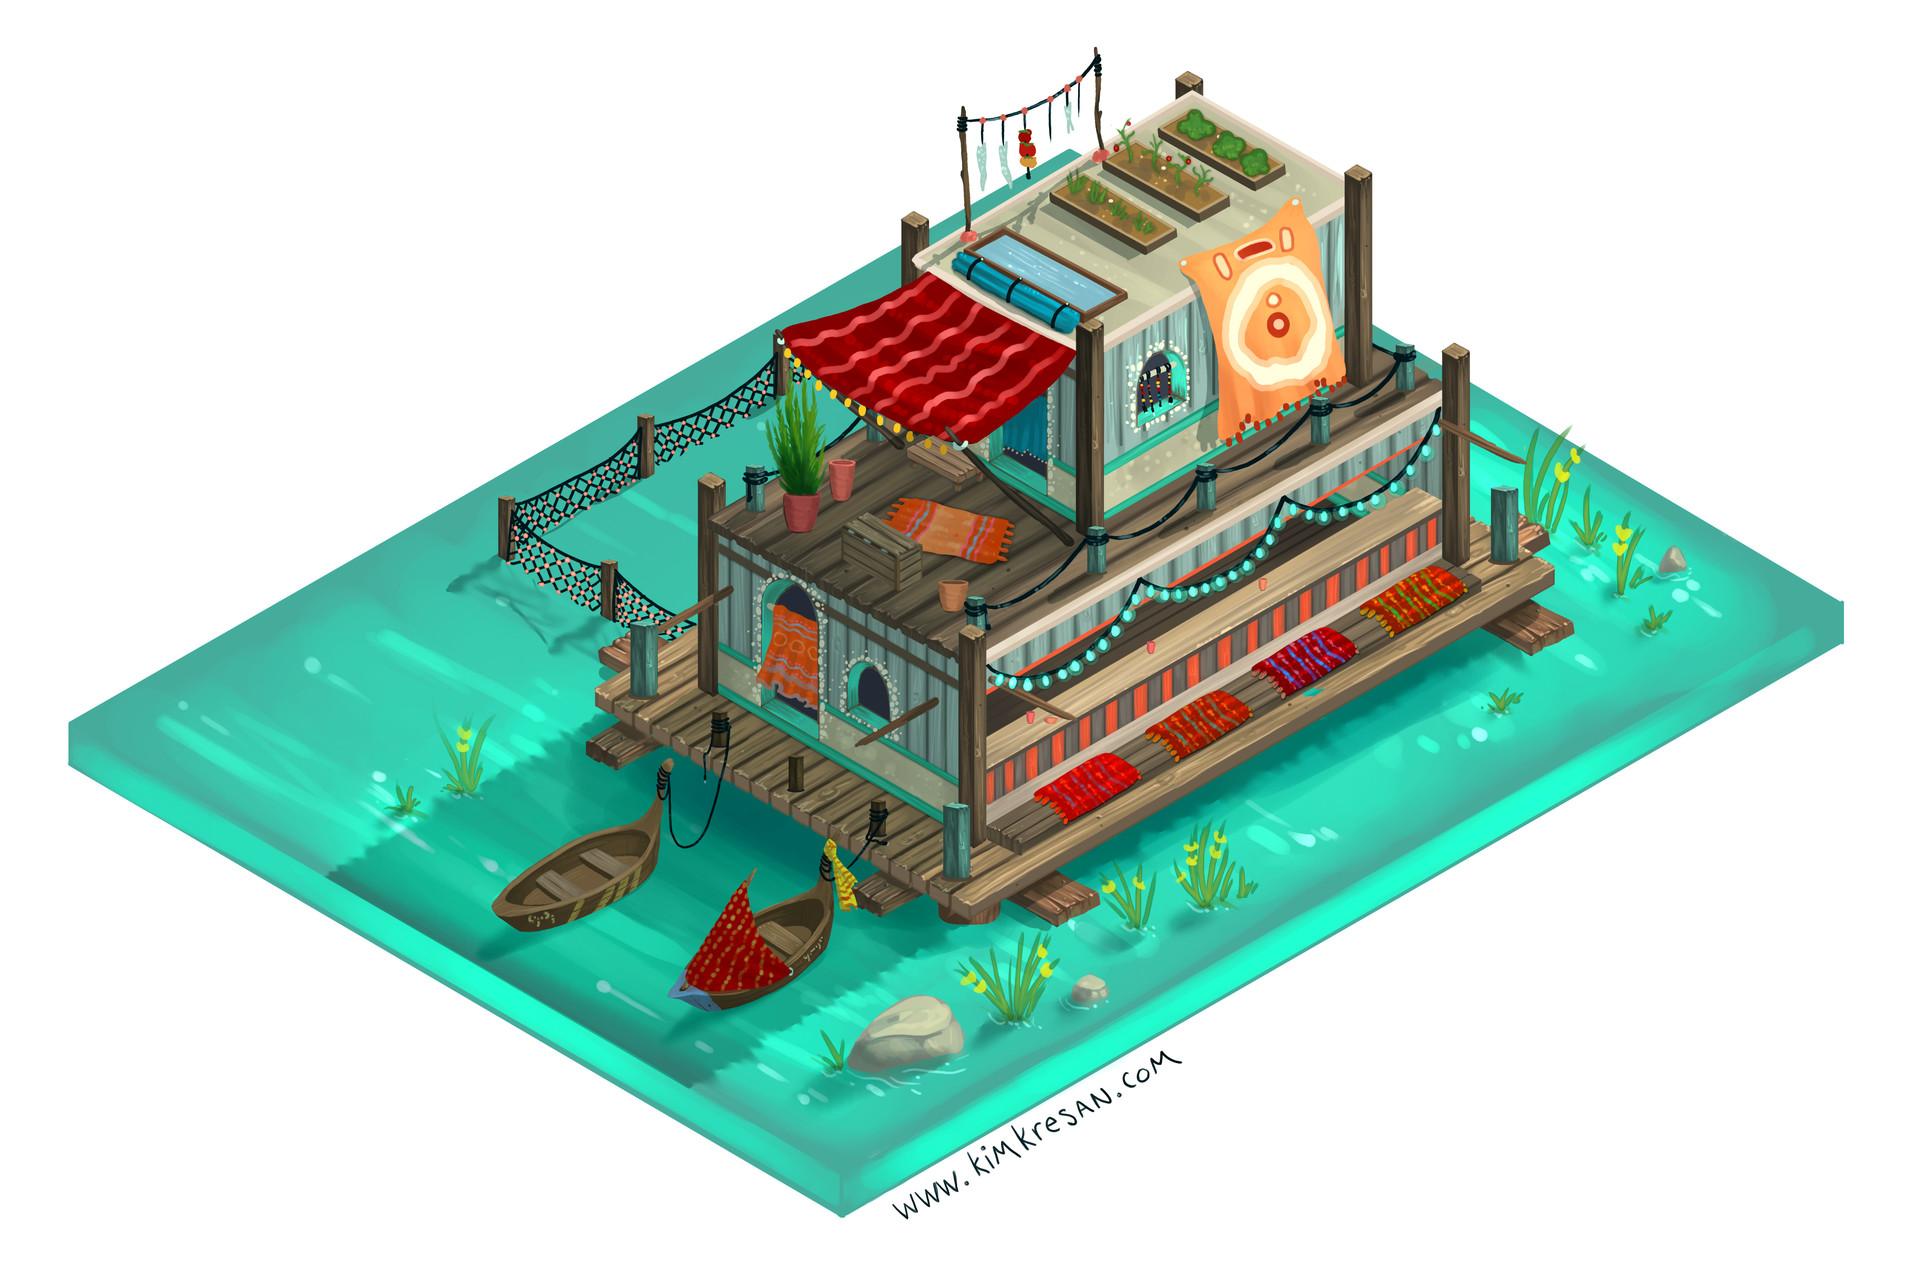 Kim kresan tide isometric eatery